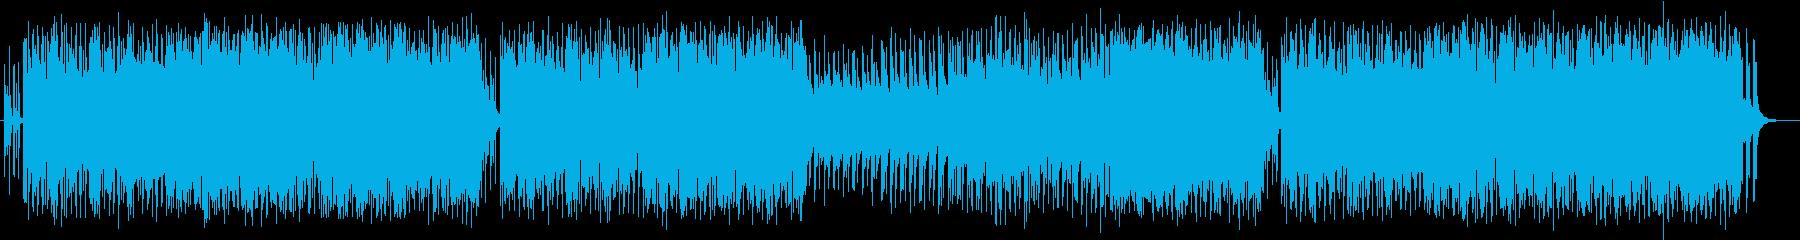 クールで魅惑的なミュージックの再生済みの波形